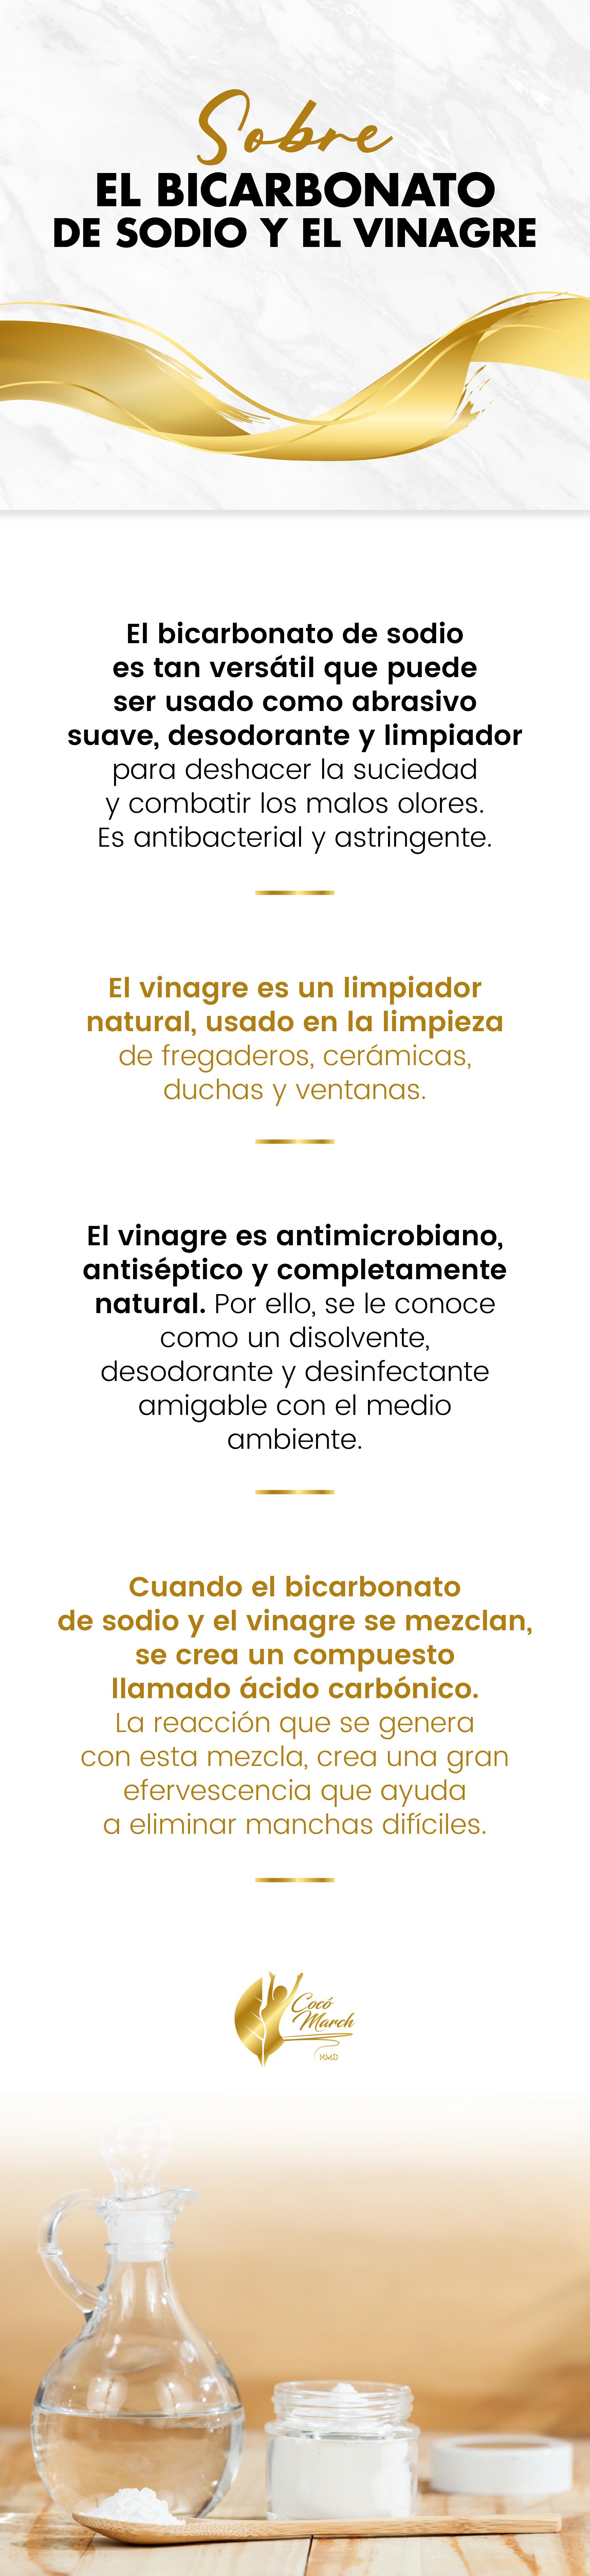 bicarbonato-de-sodio-y-vinagre